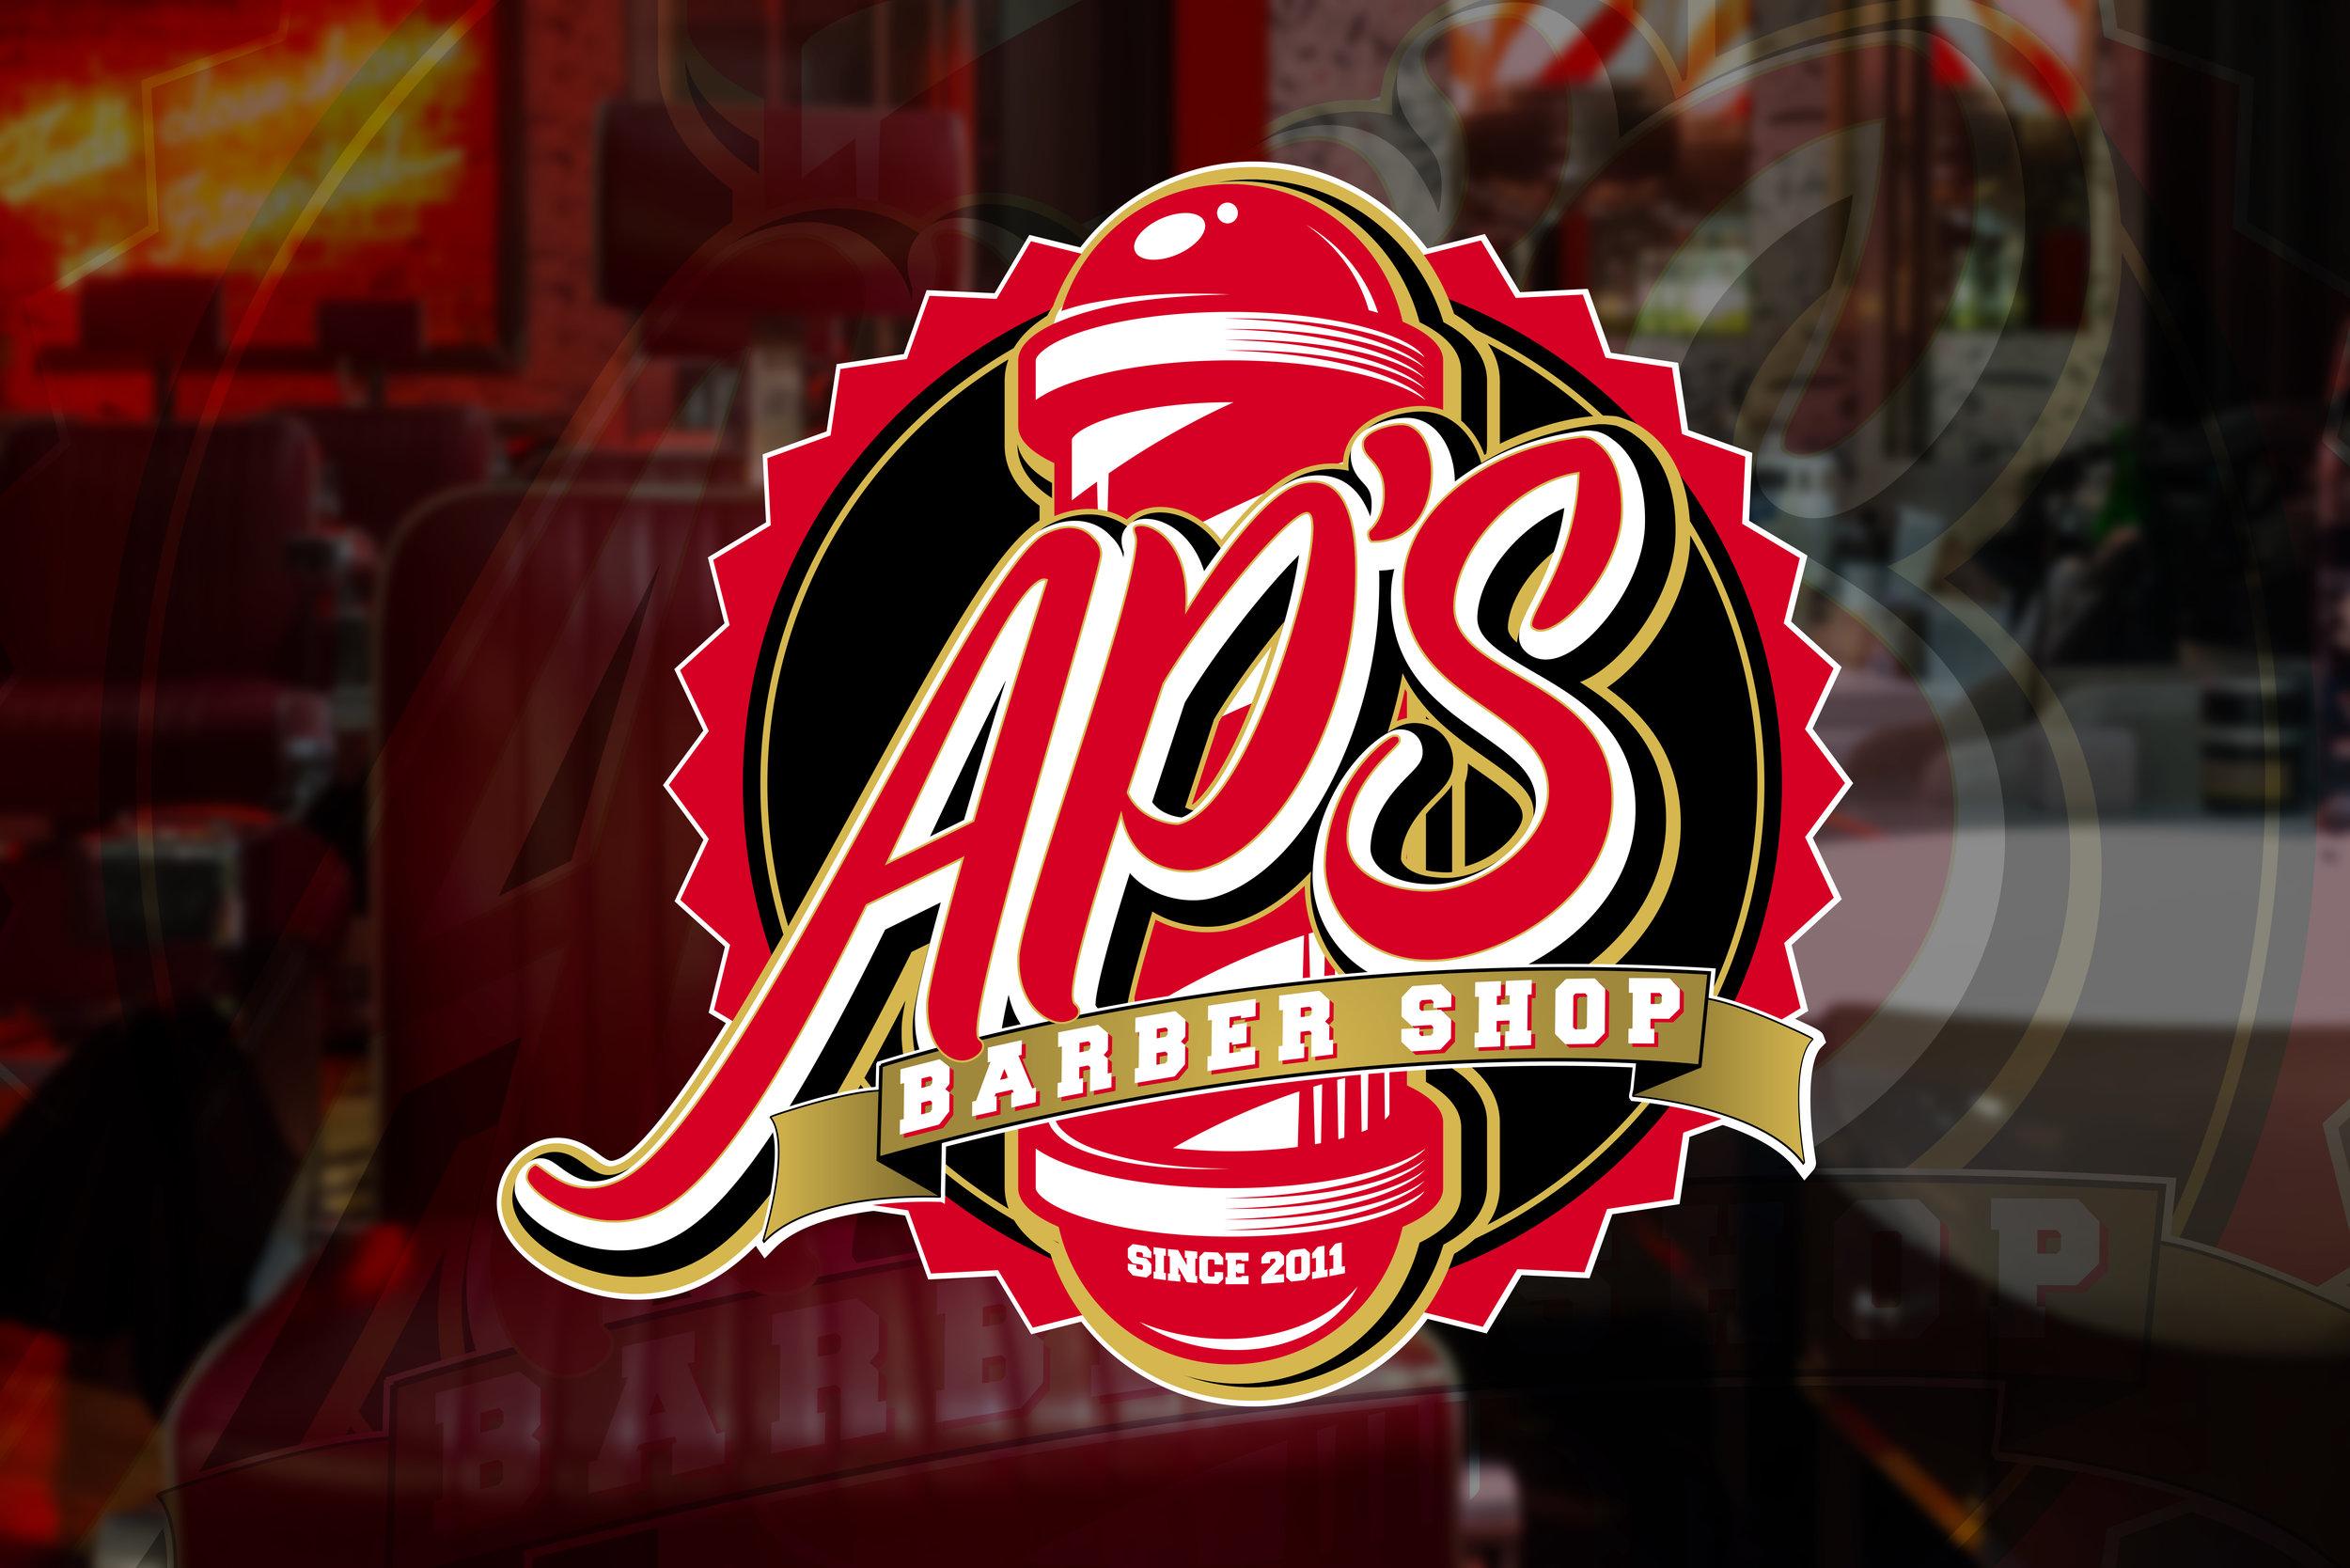 APS-BarberShop.jpg